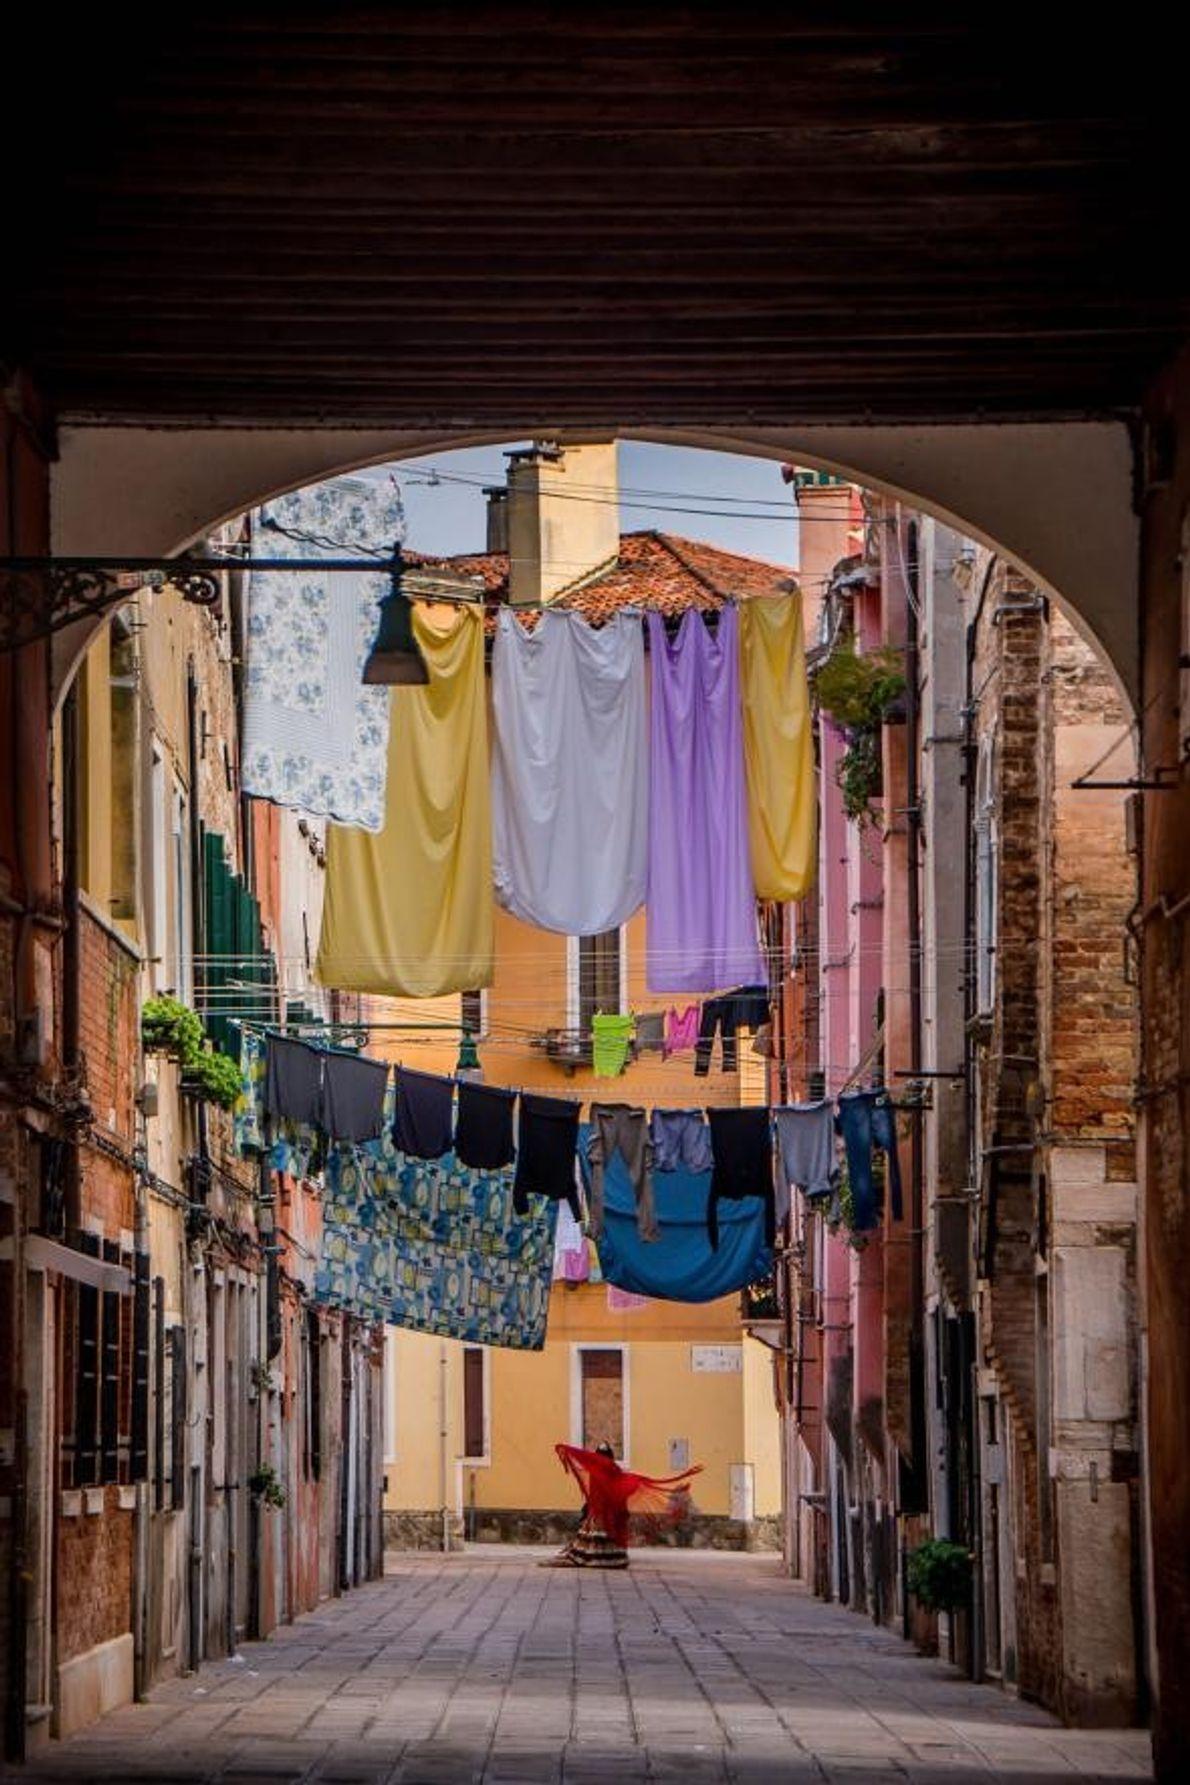 Une femme danse dans les rues de Venise, en Italie.